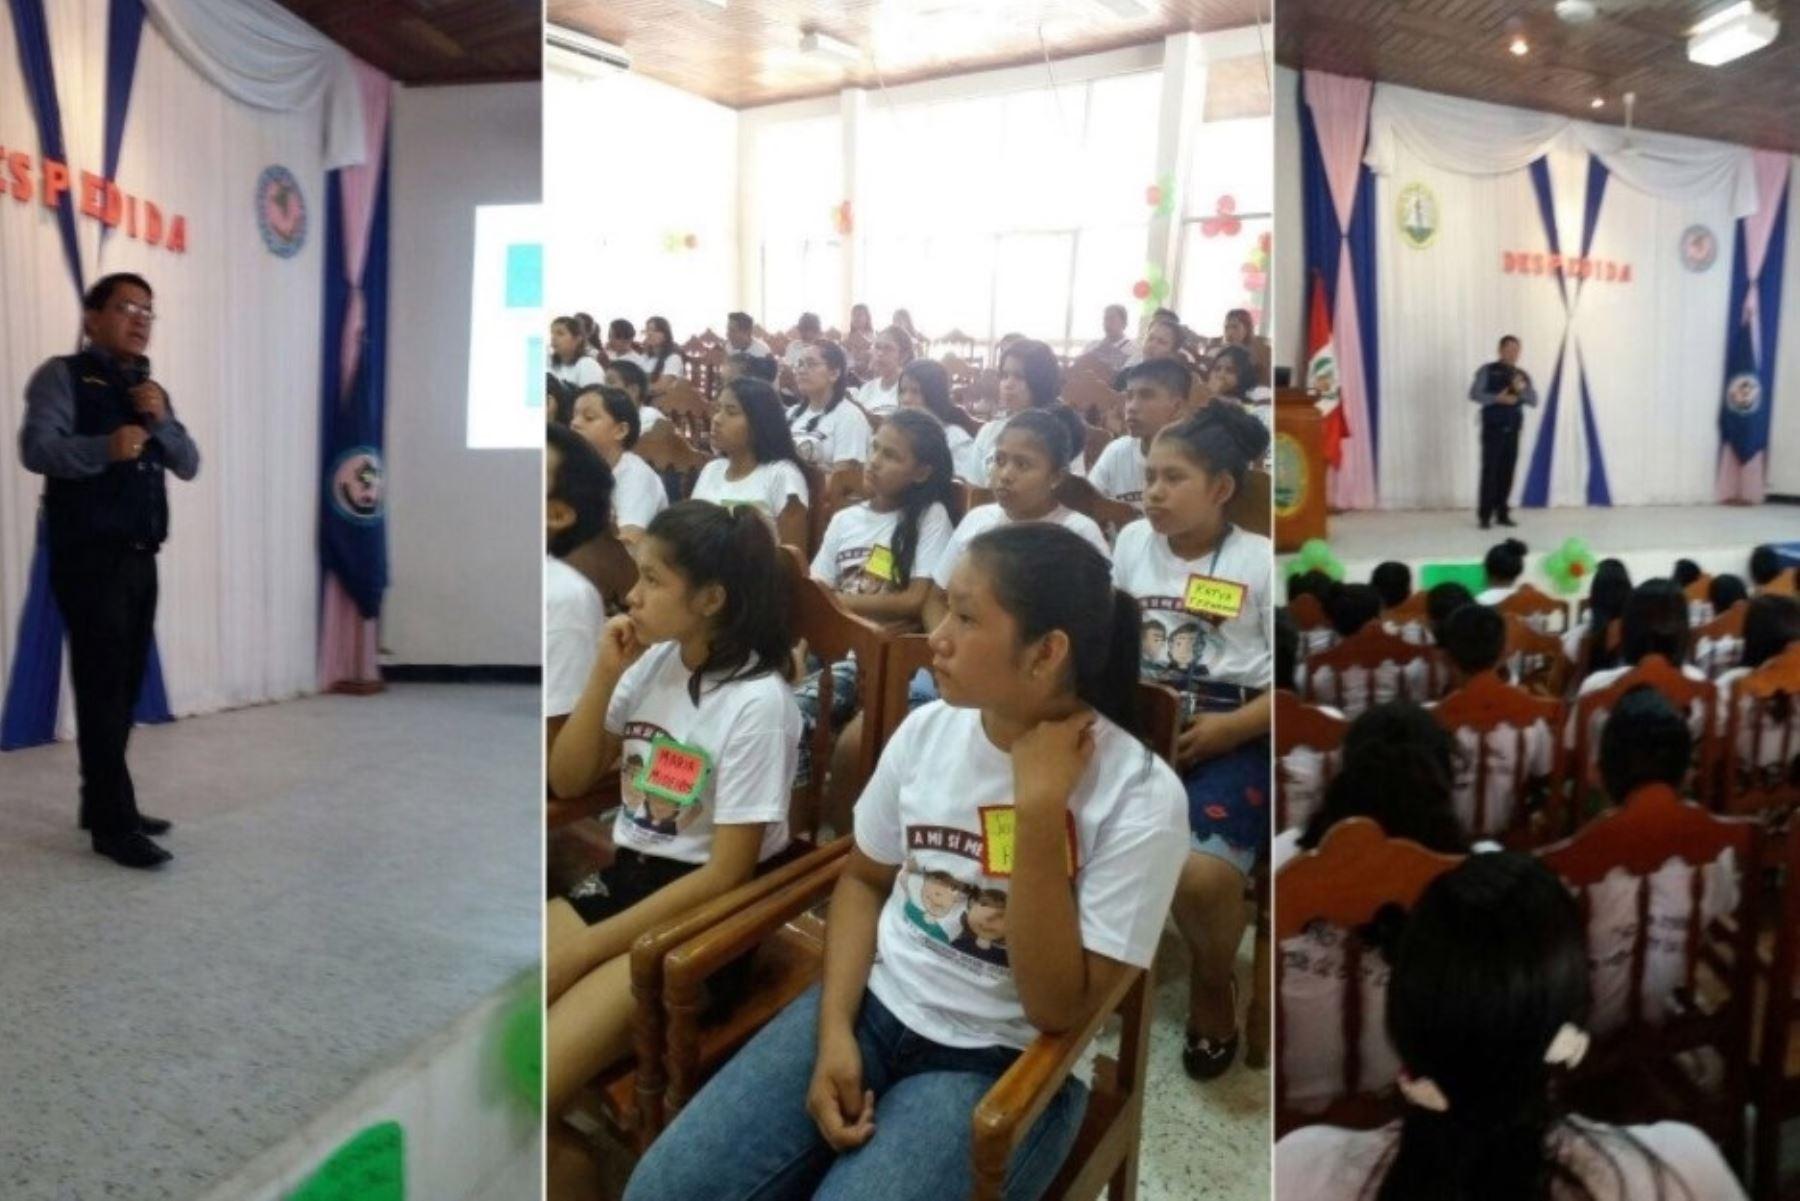 Cerca de 50 estudiantes de enfermería de Iquitos fueron capacitados en temas relacionados a la lucha contra los delitos de violación y trata de personas durante charla educativa que organizó el Ministerio Público.